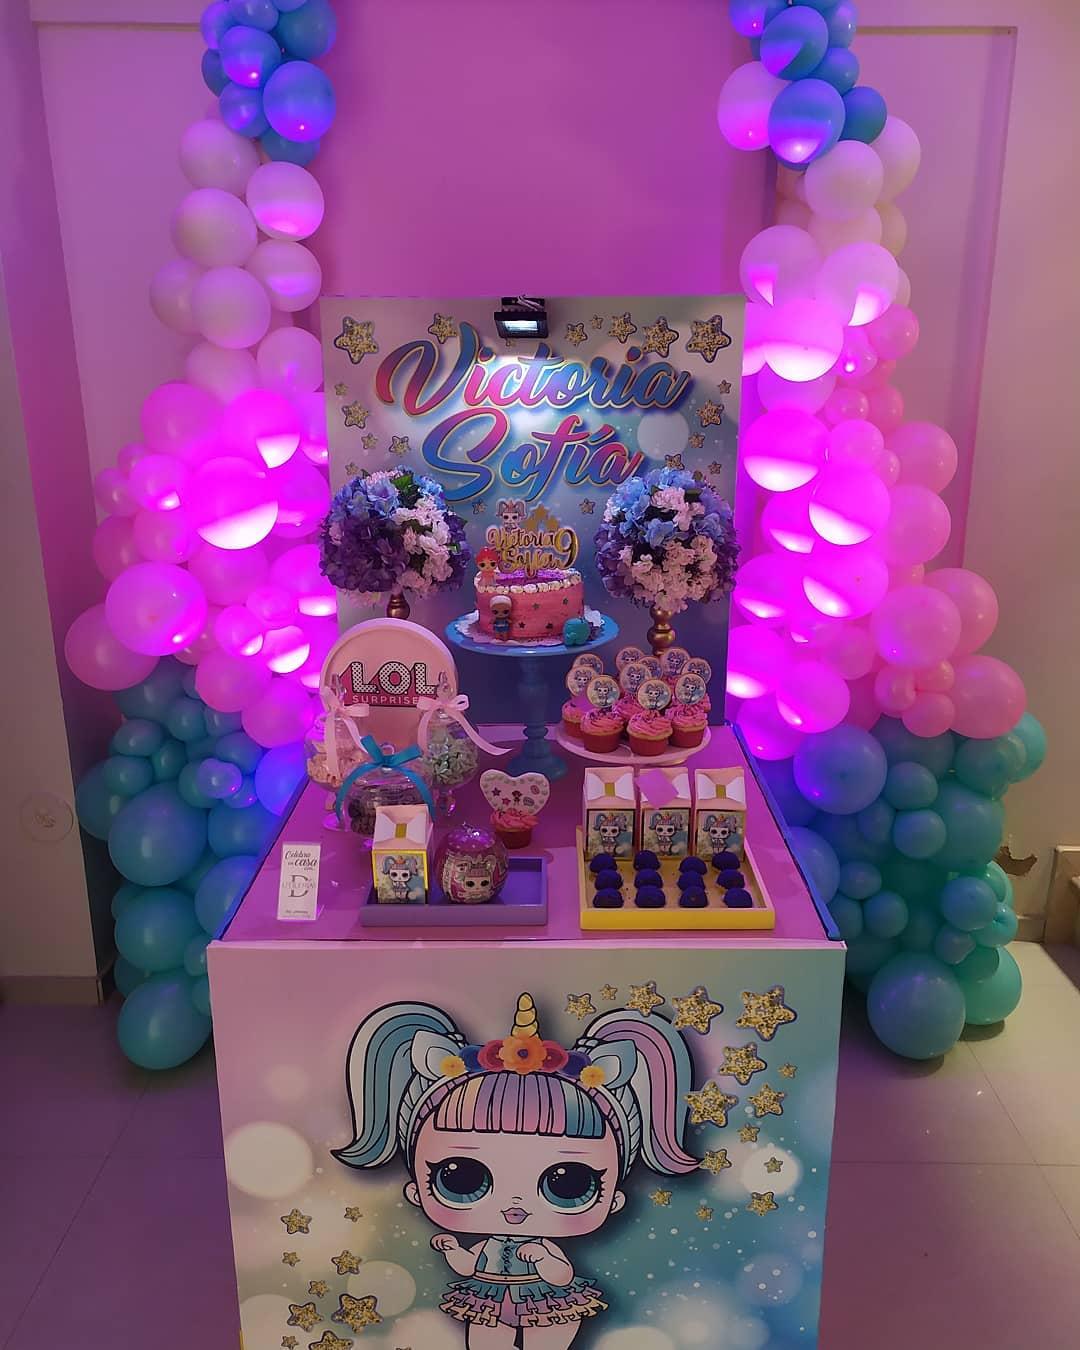 Decoración de fiesta de cumpleaños con caja sorpresa de L.O.L